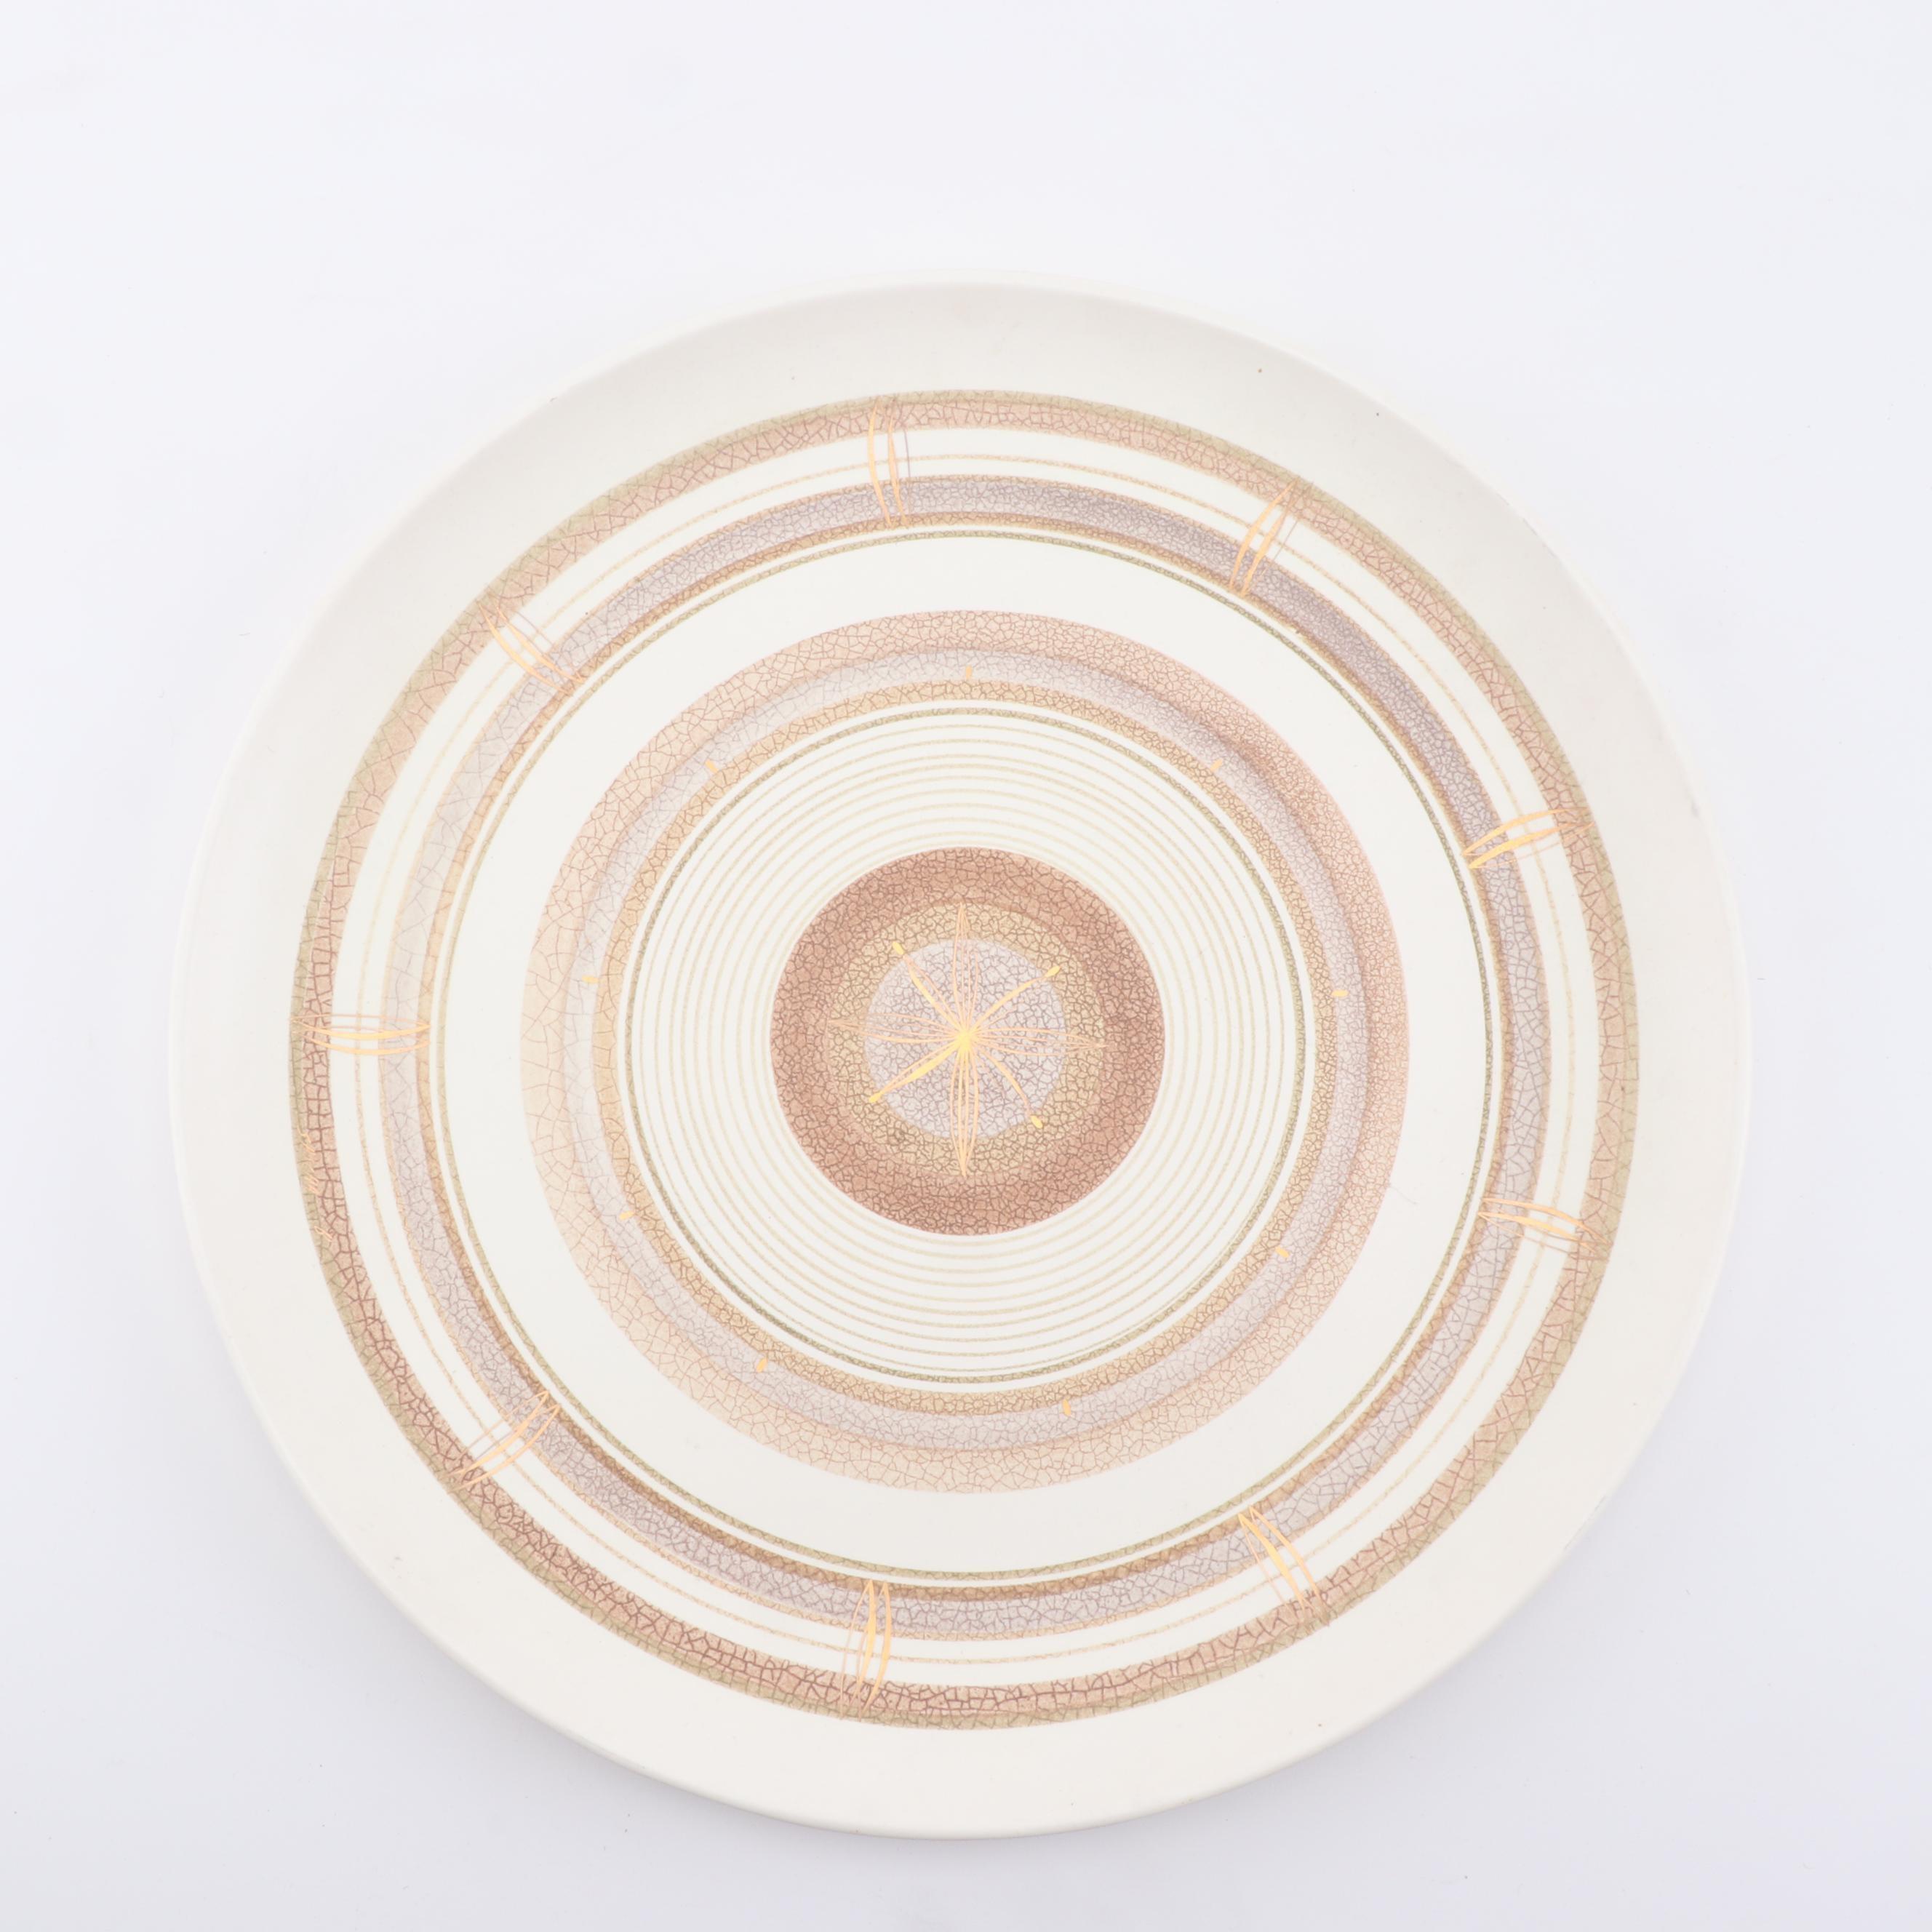 Sascha Brastoff Ceramic Platter, Mid Century